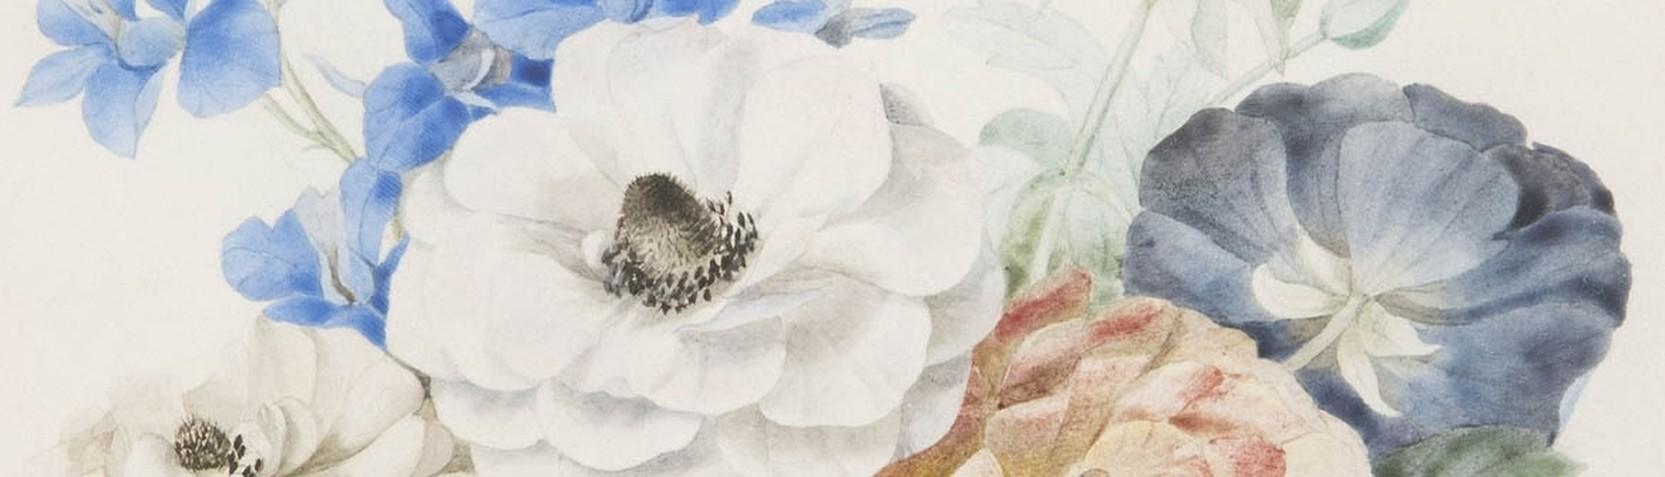 Künstler - Pierre Joseph Redouté